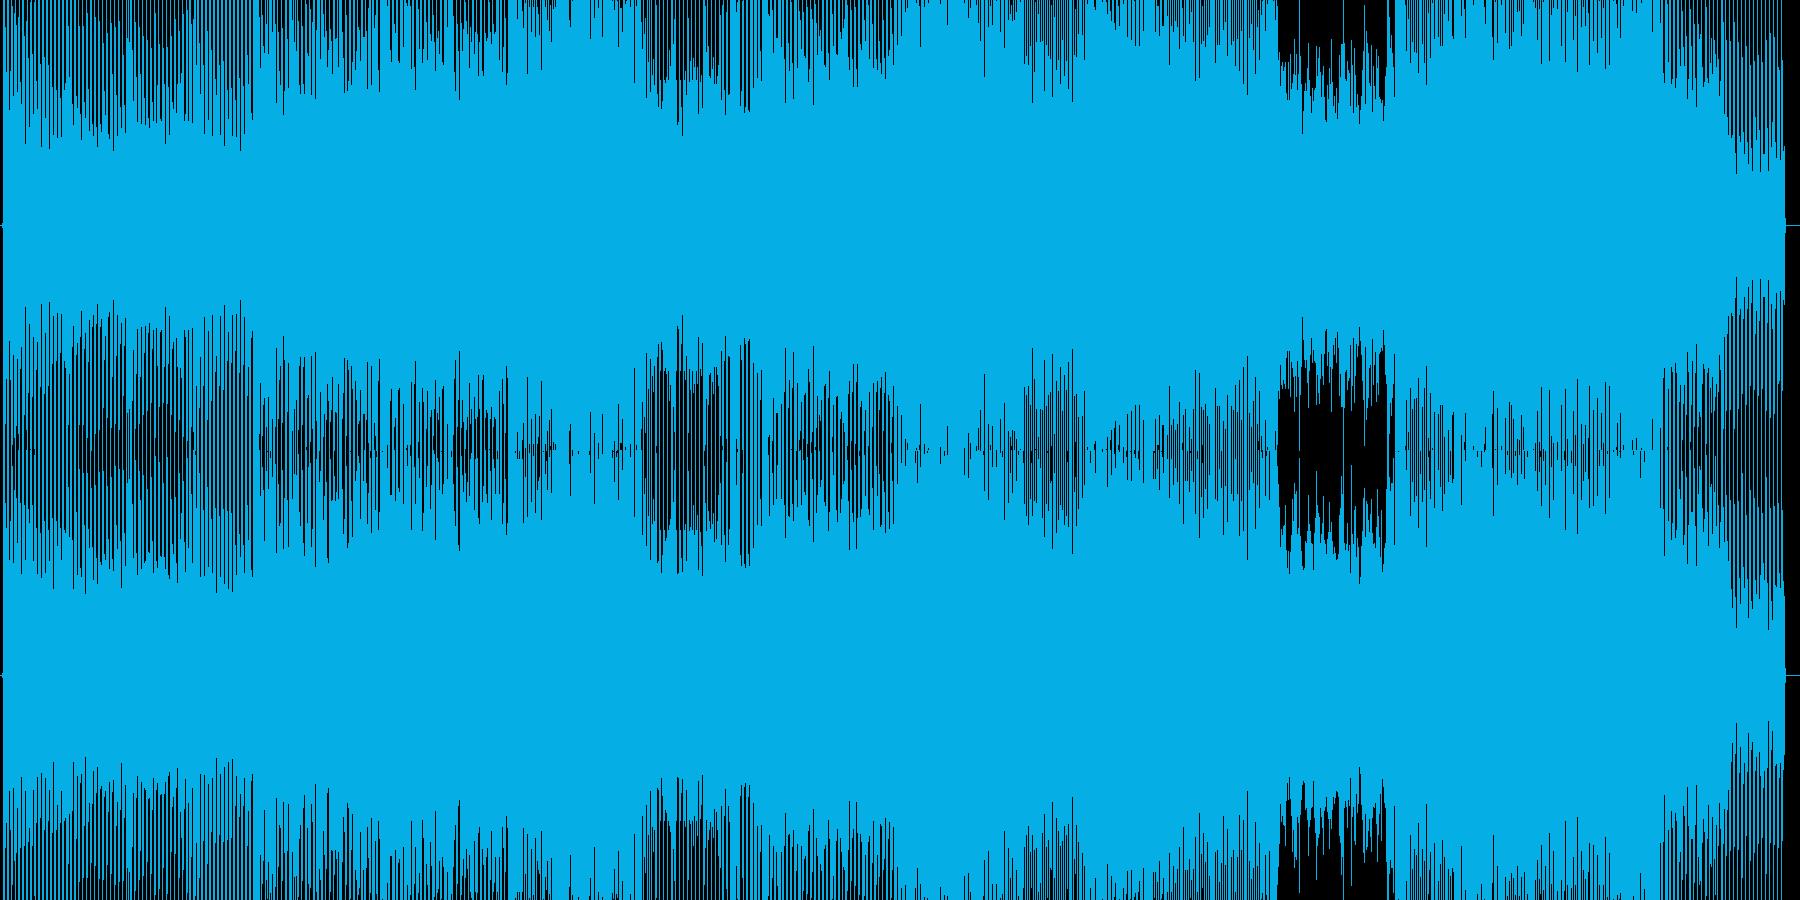 銀河的なトラック1の再生済みの波形